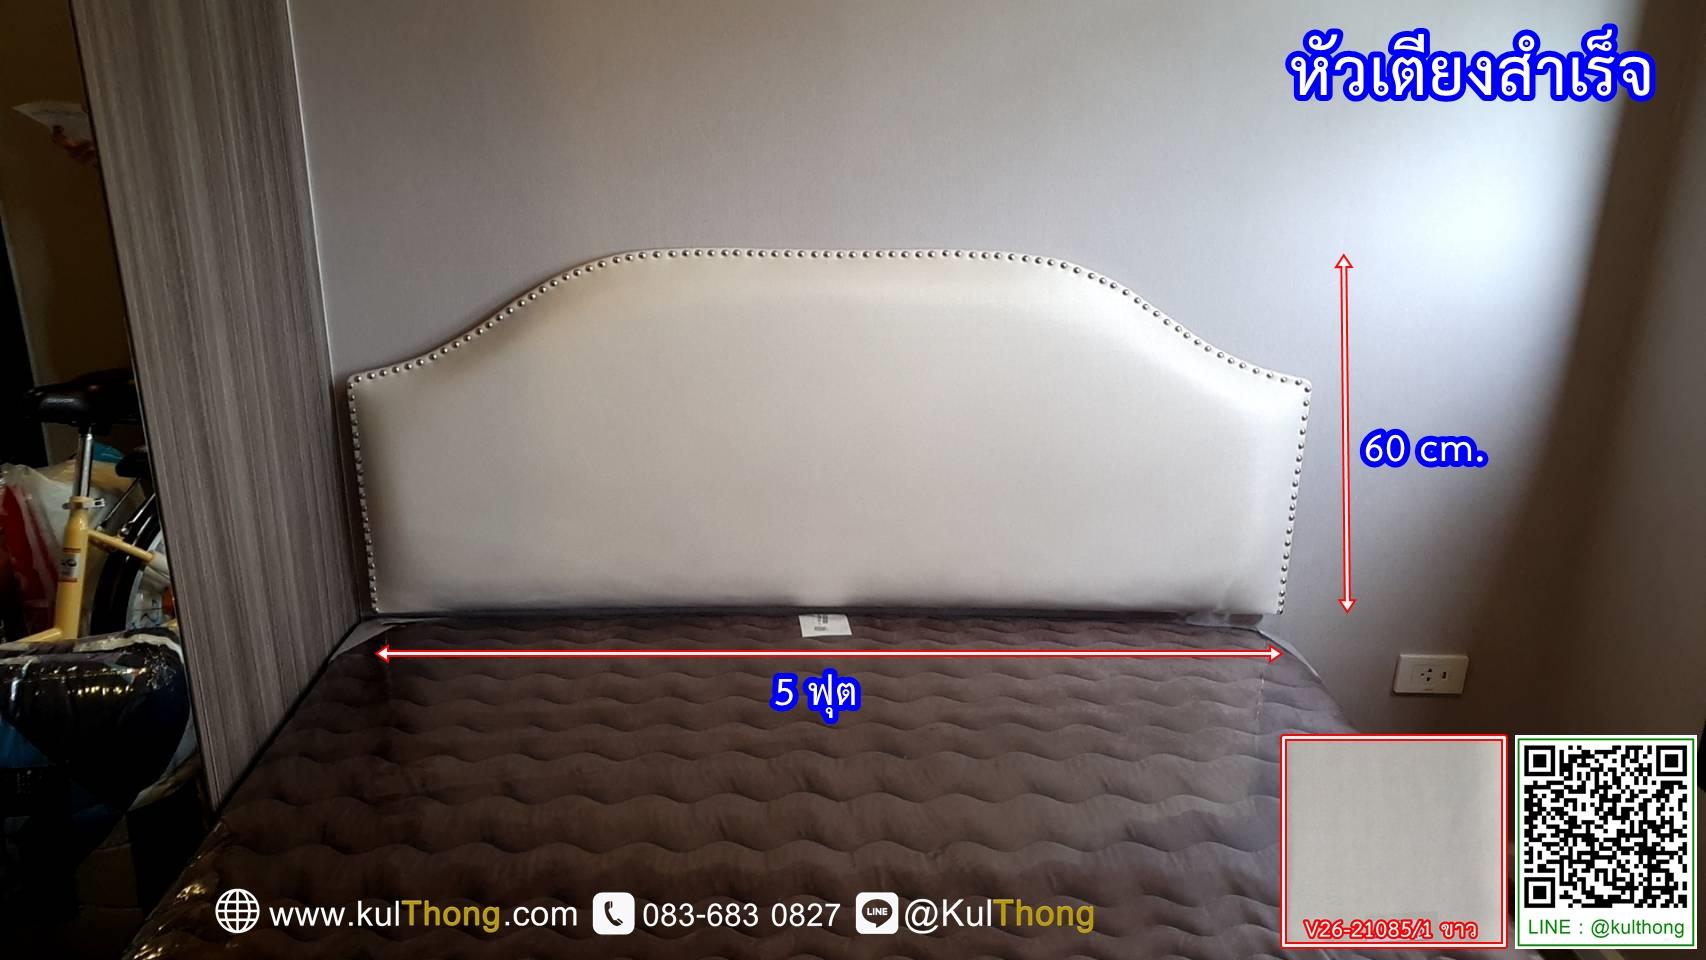 แผ่นหัวเตียง หัวเตียงแขวนผนัง หัวเตียงสำเร็จ หัวเตียงตอกหมุด หัวเตียง 5 ฟุต